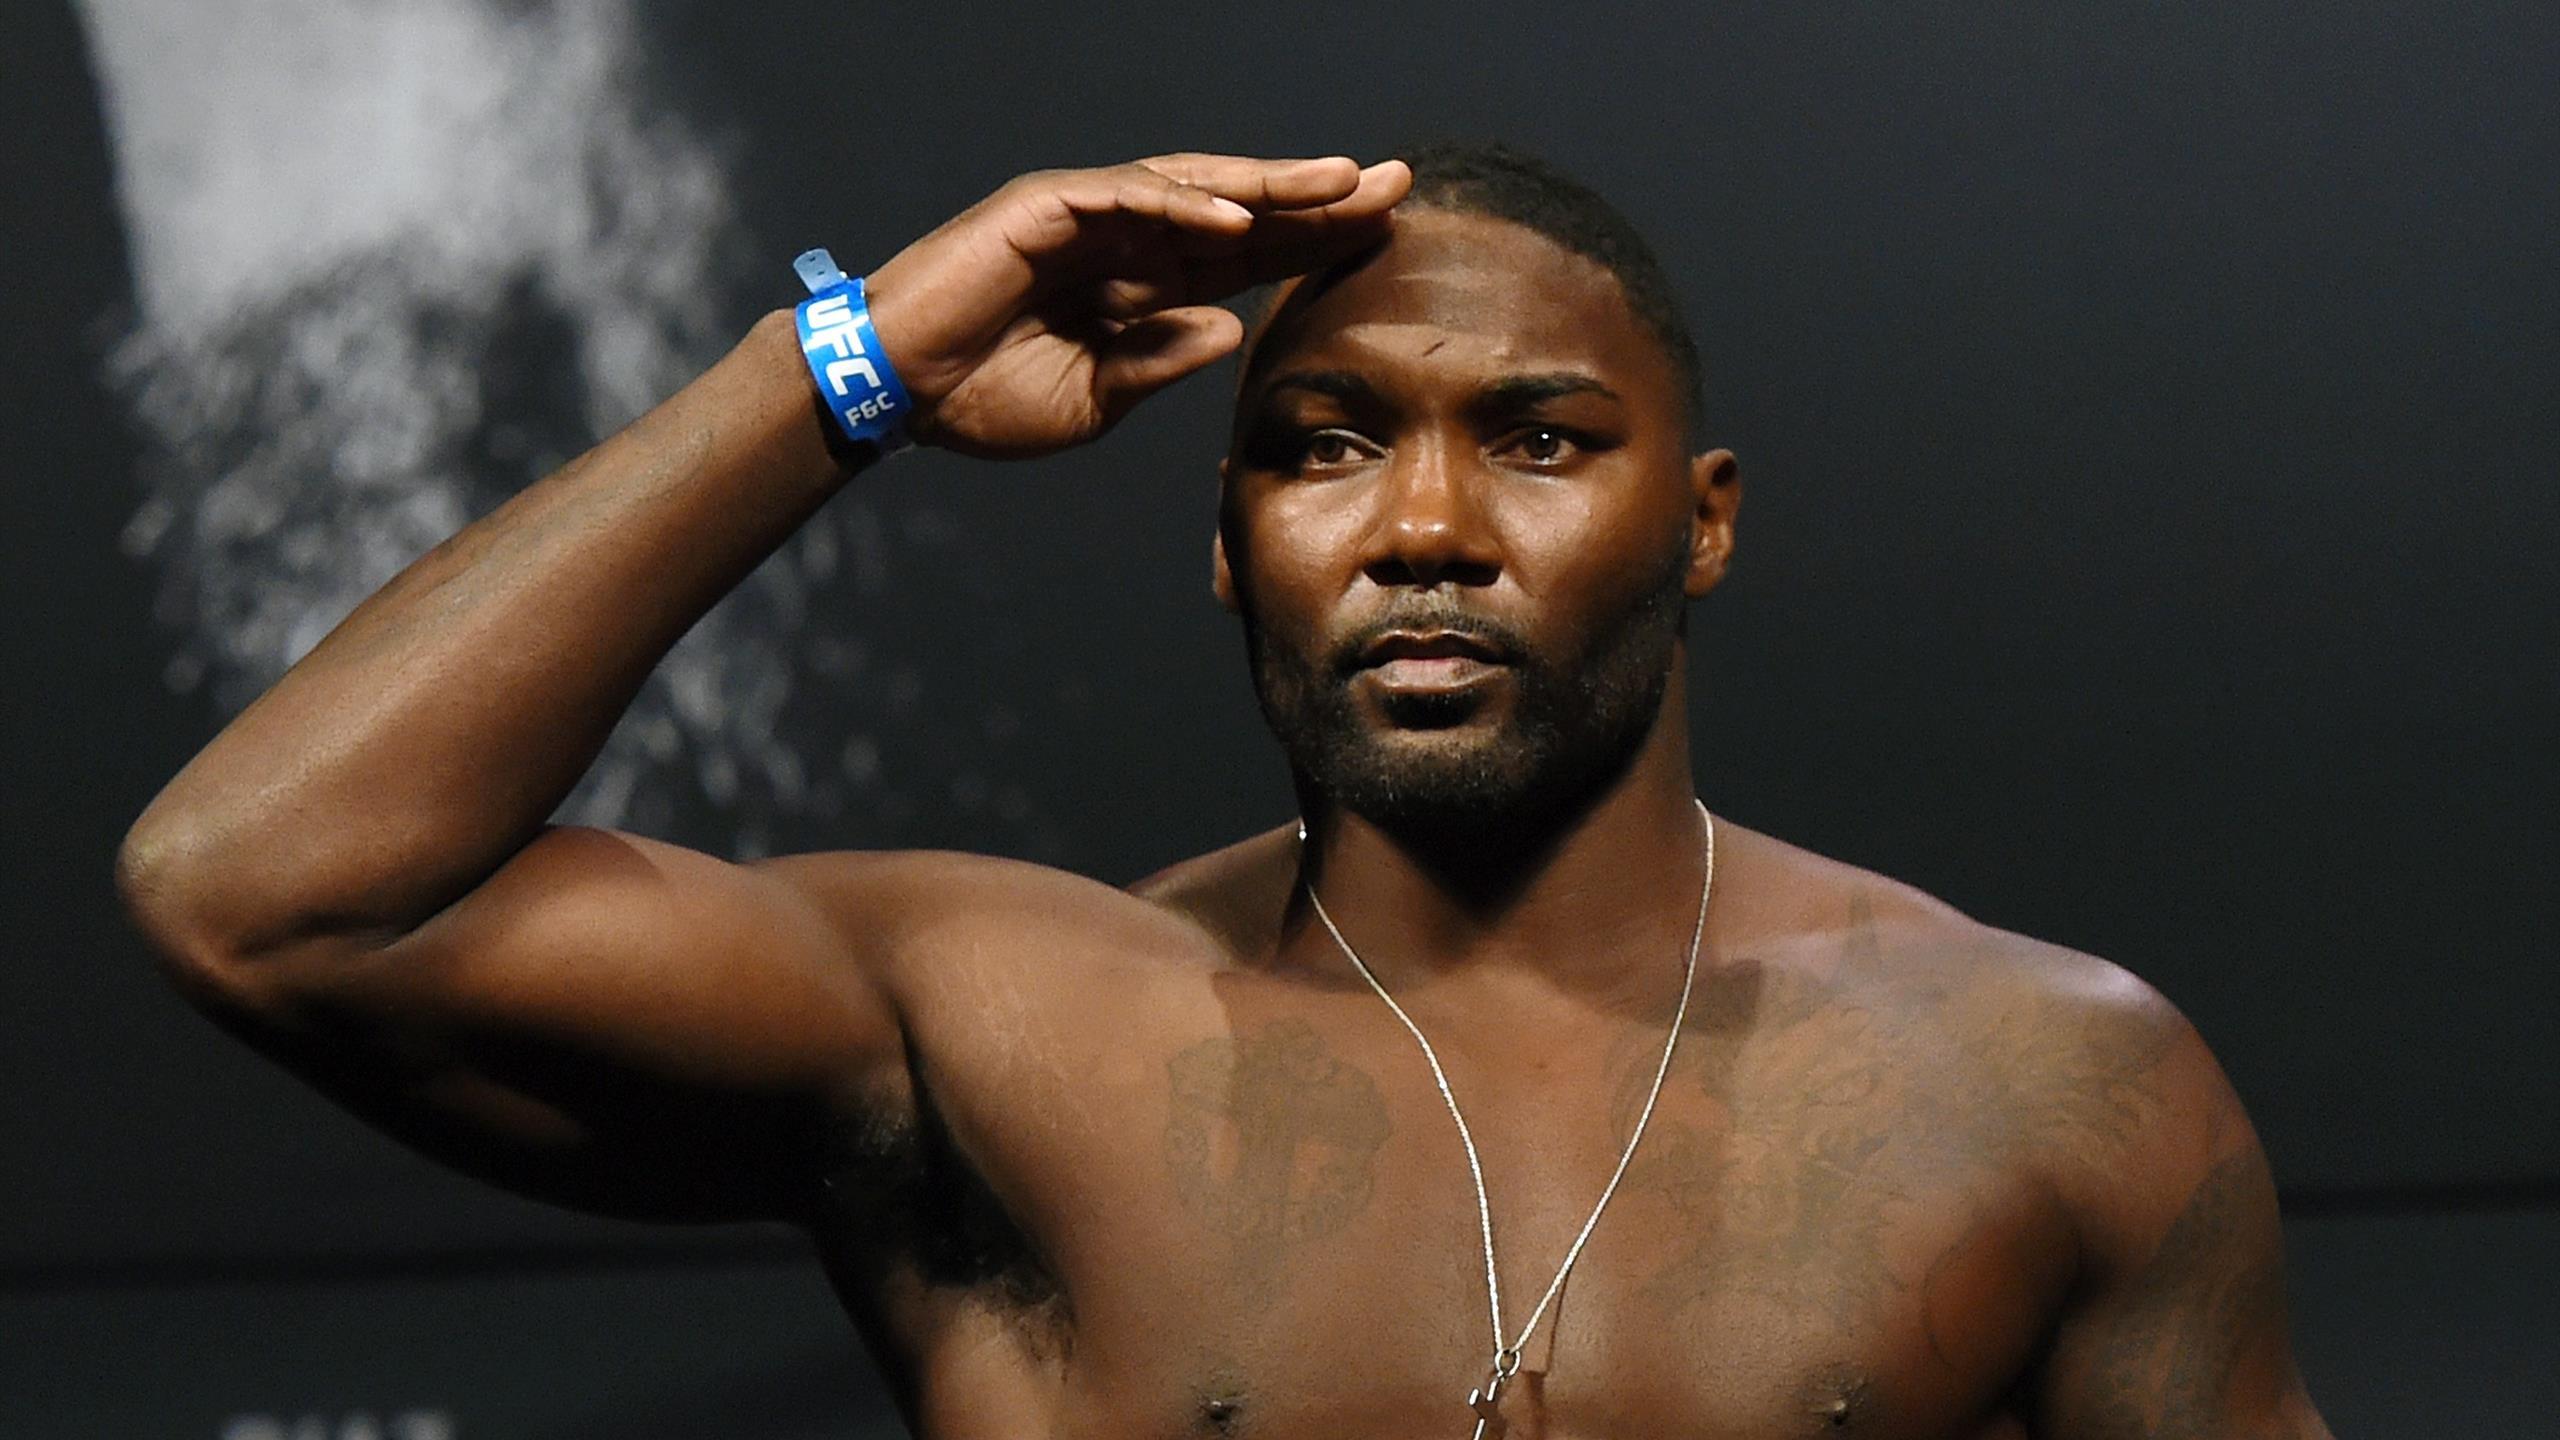 Боец ворвался в MMA нокаутом после 4-летнего простоя